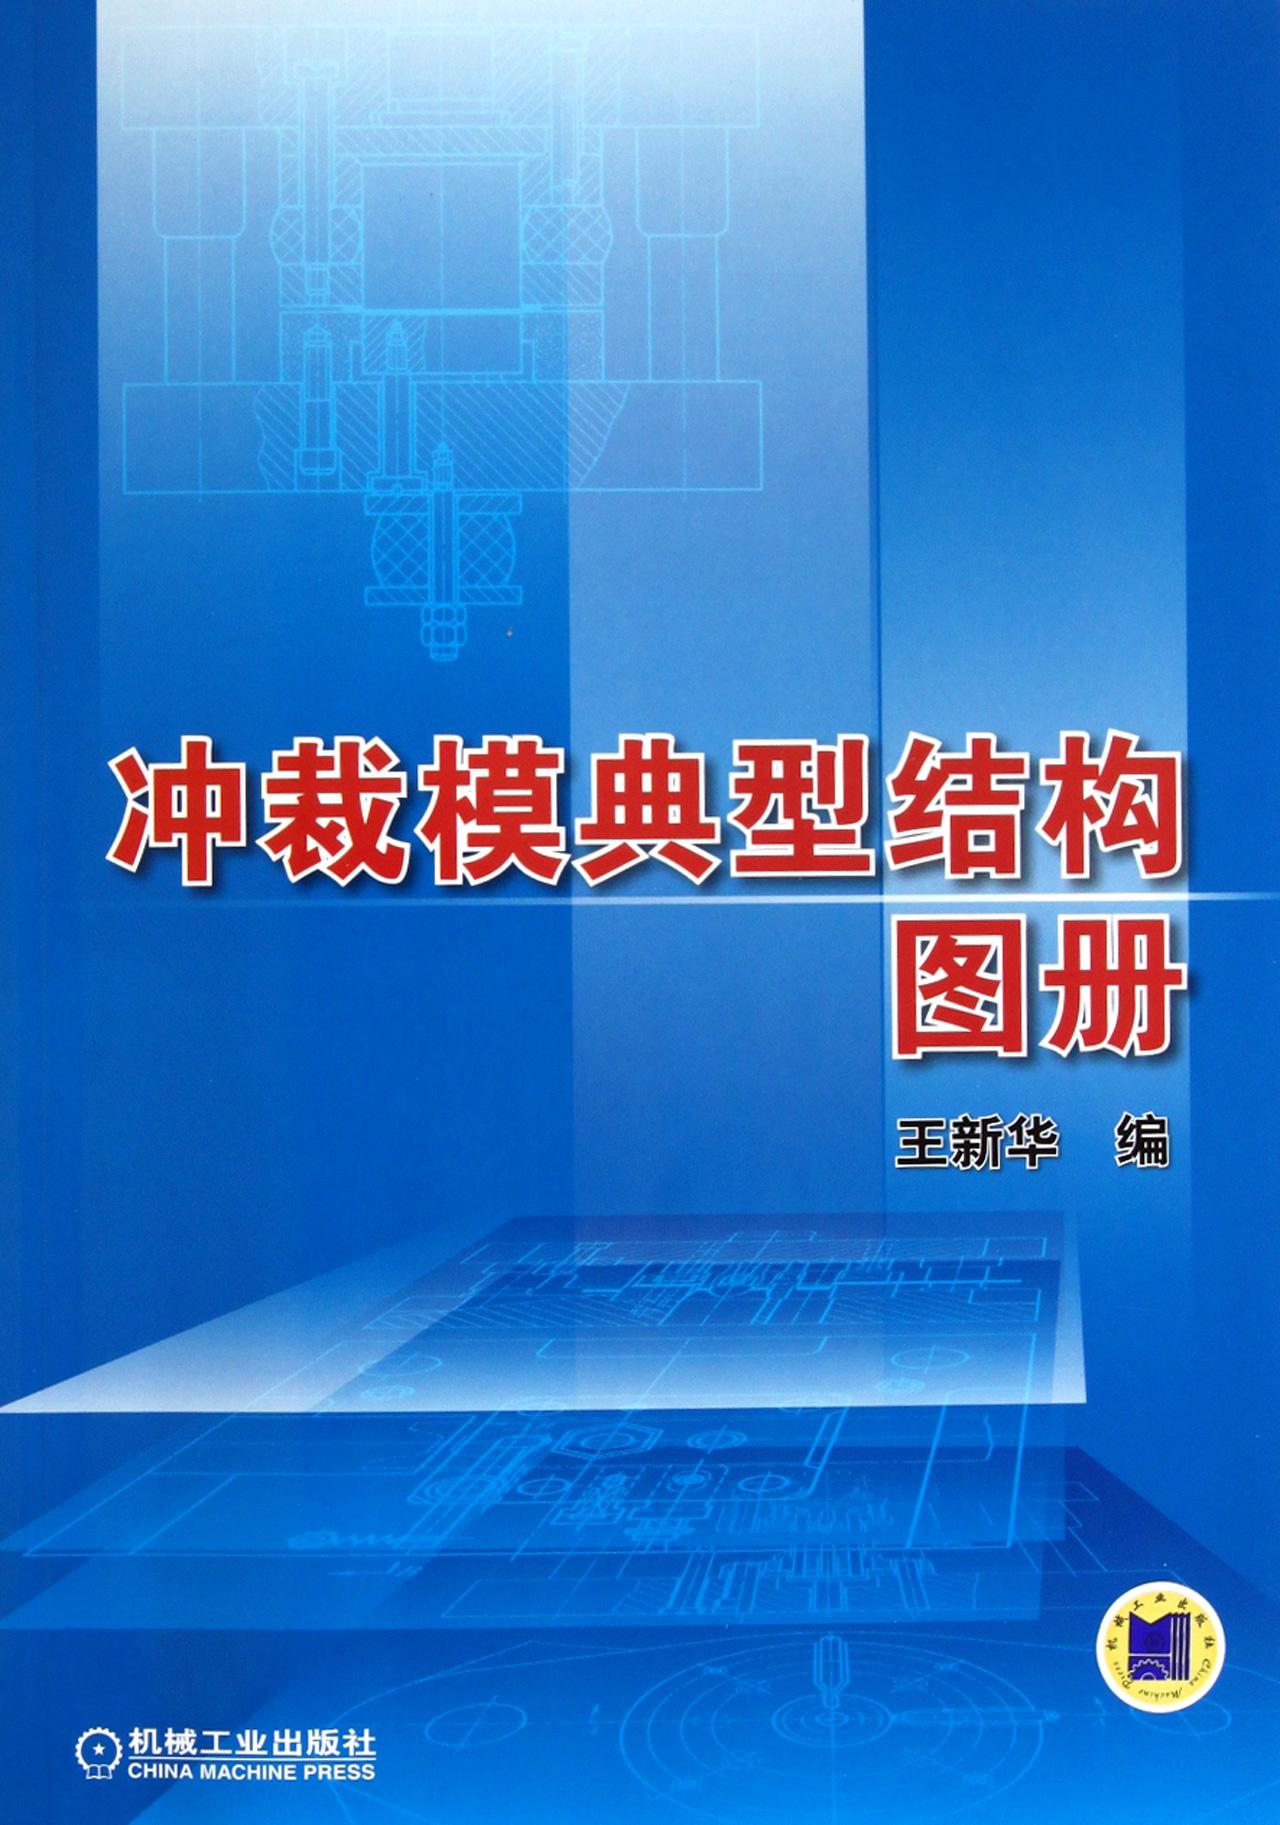 冲裁模典型结构图册